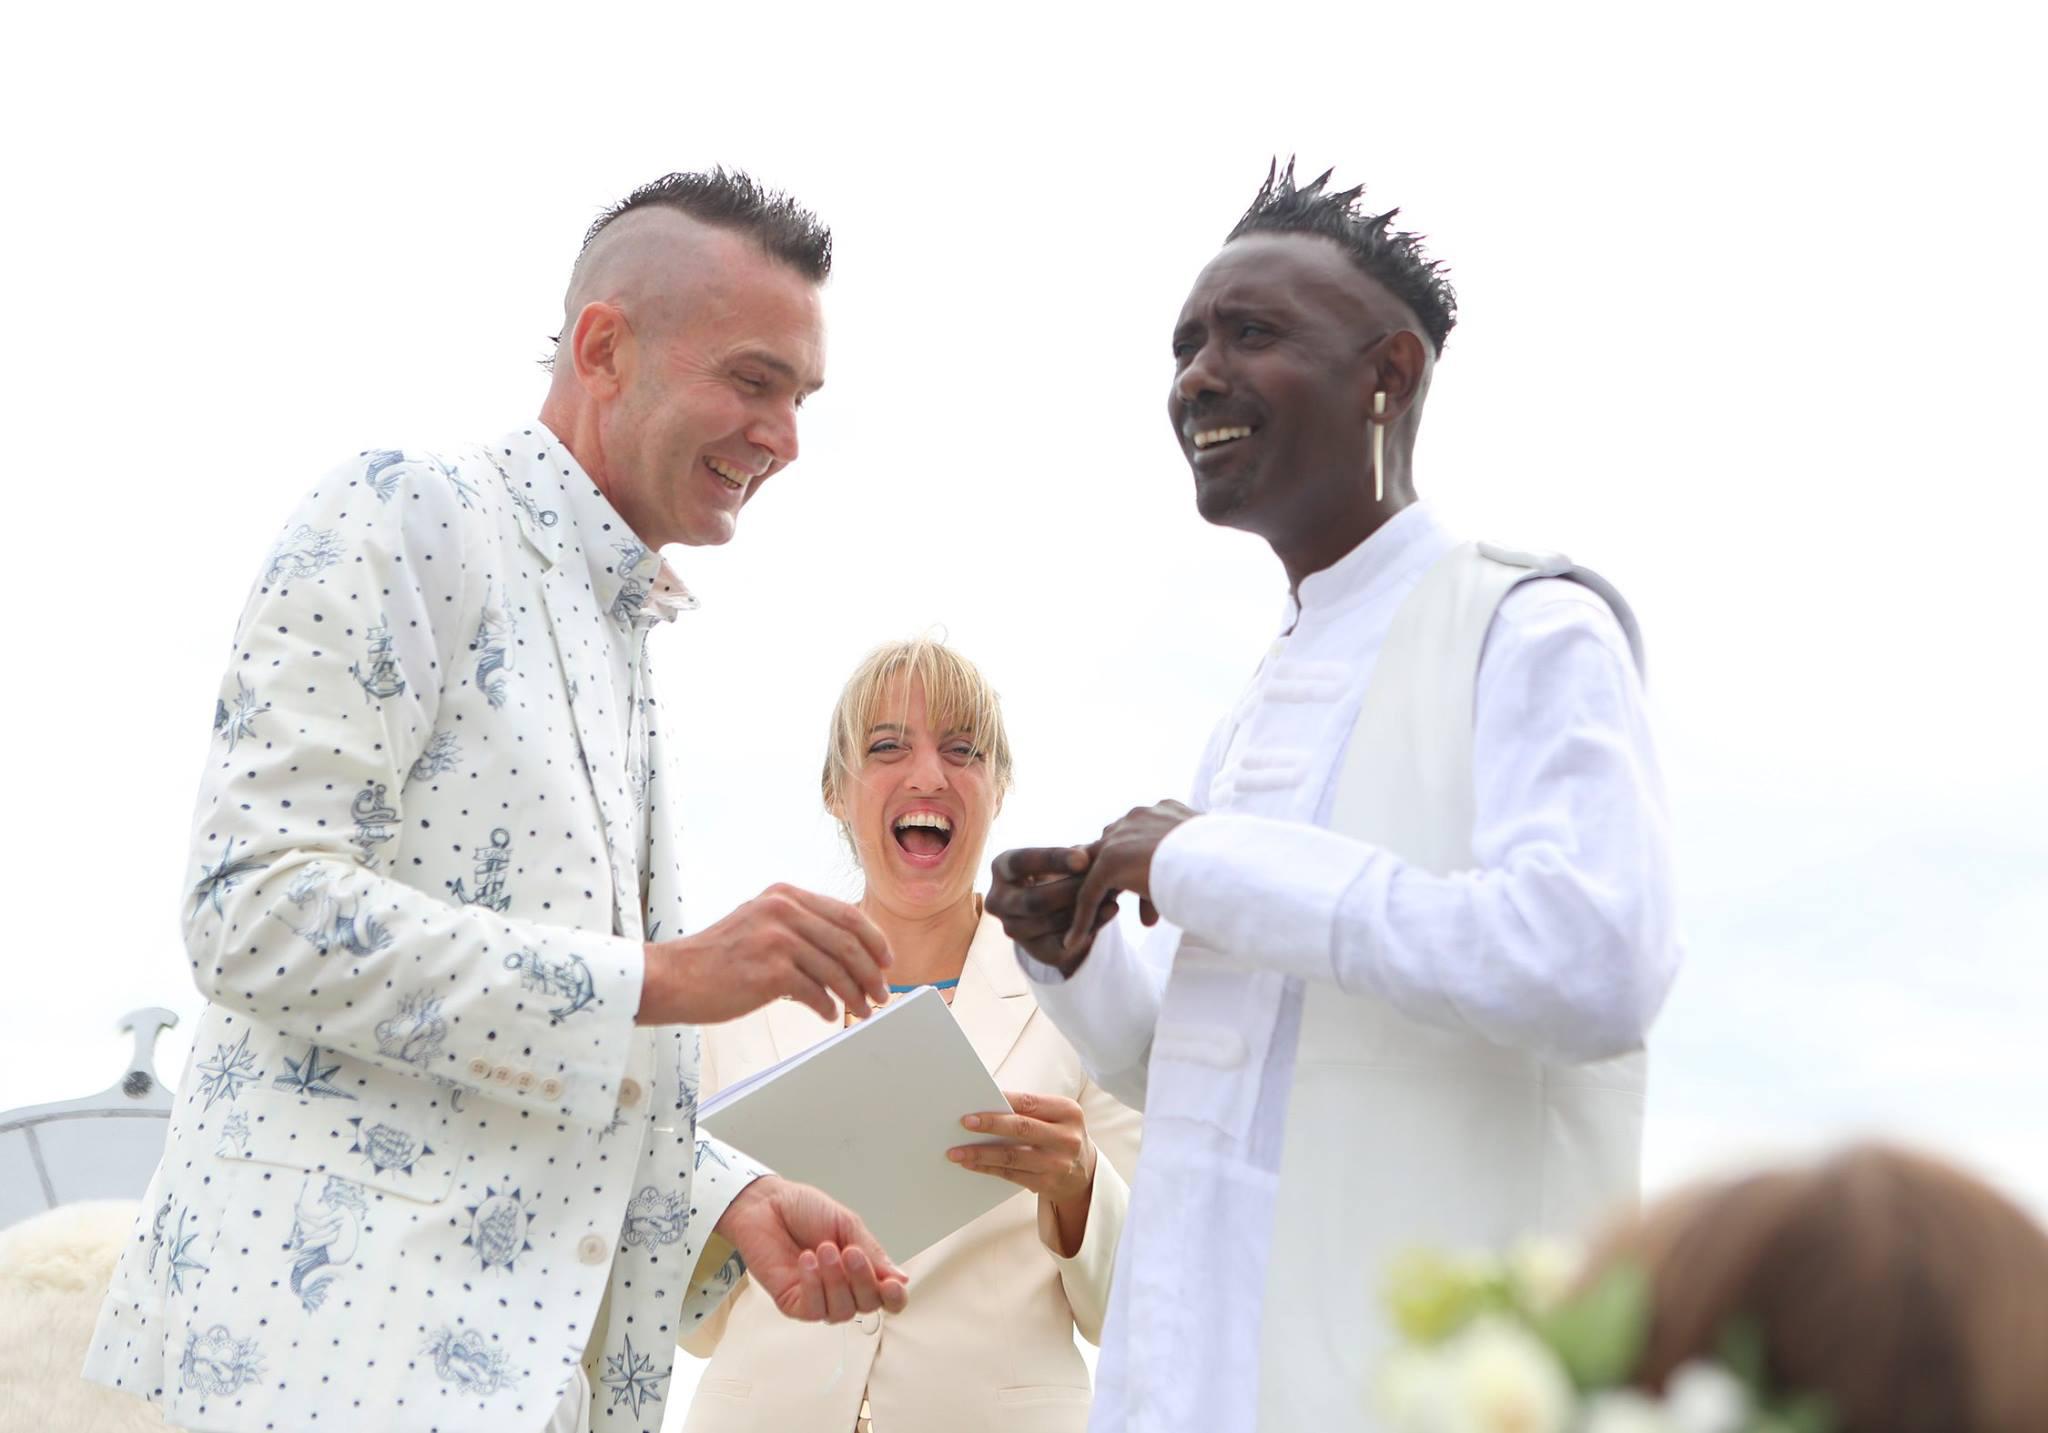 Tiu de Haan_ceremonies_wedding_laughter